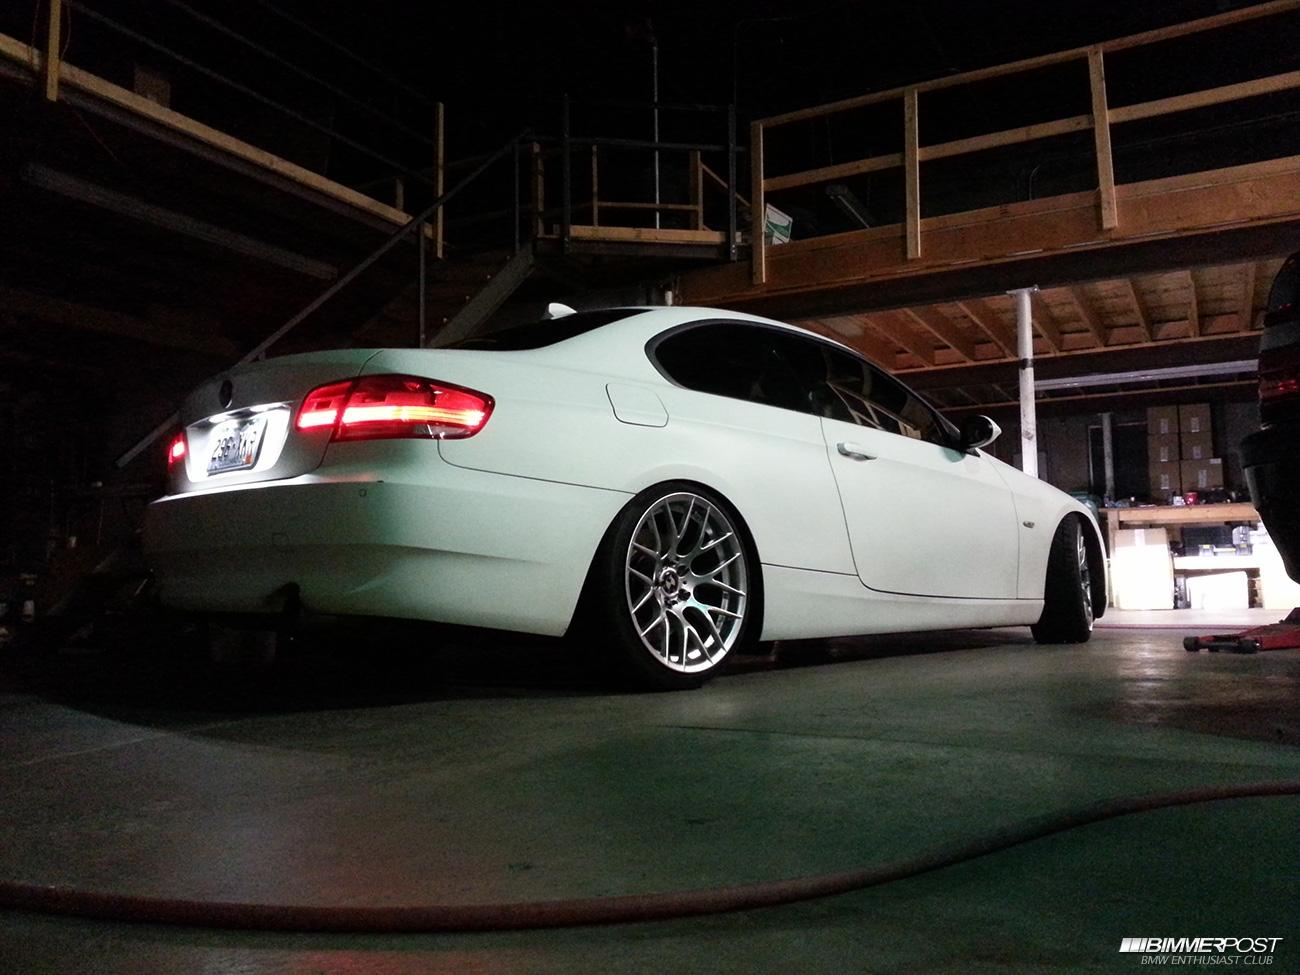 COMplex's 2007 BMW 335i - BIMMERPOST Garage